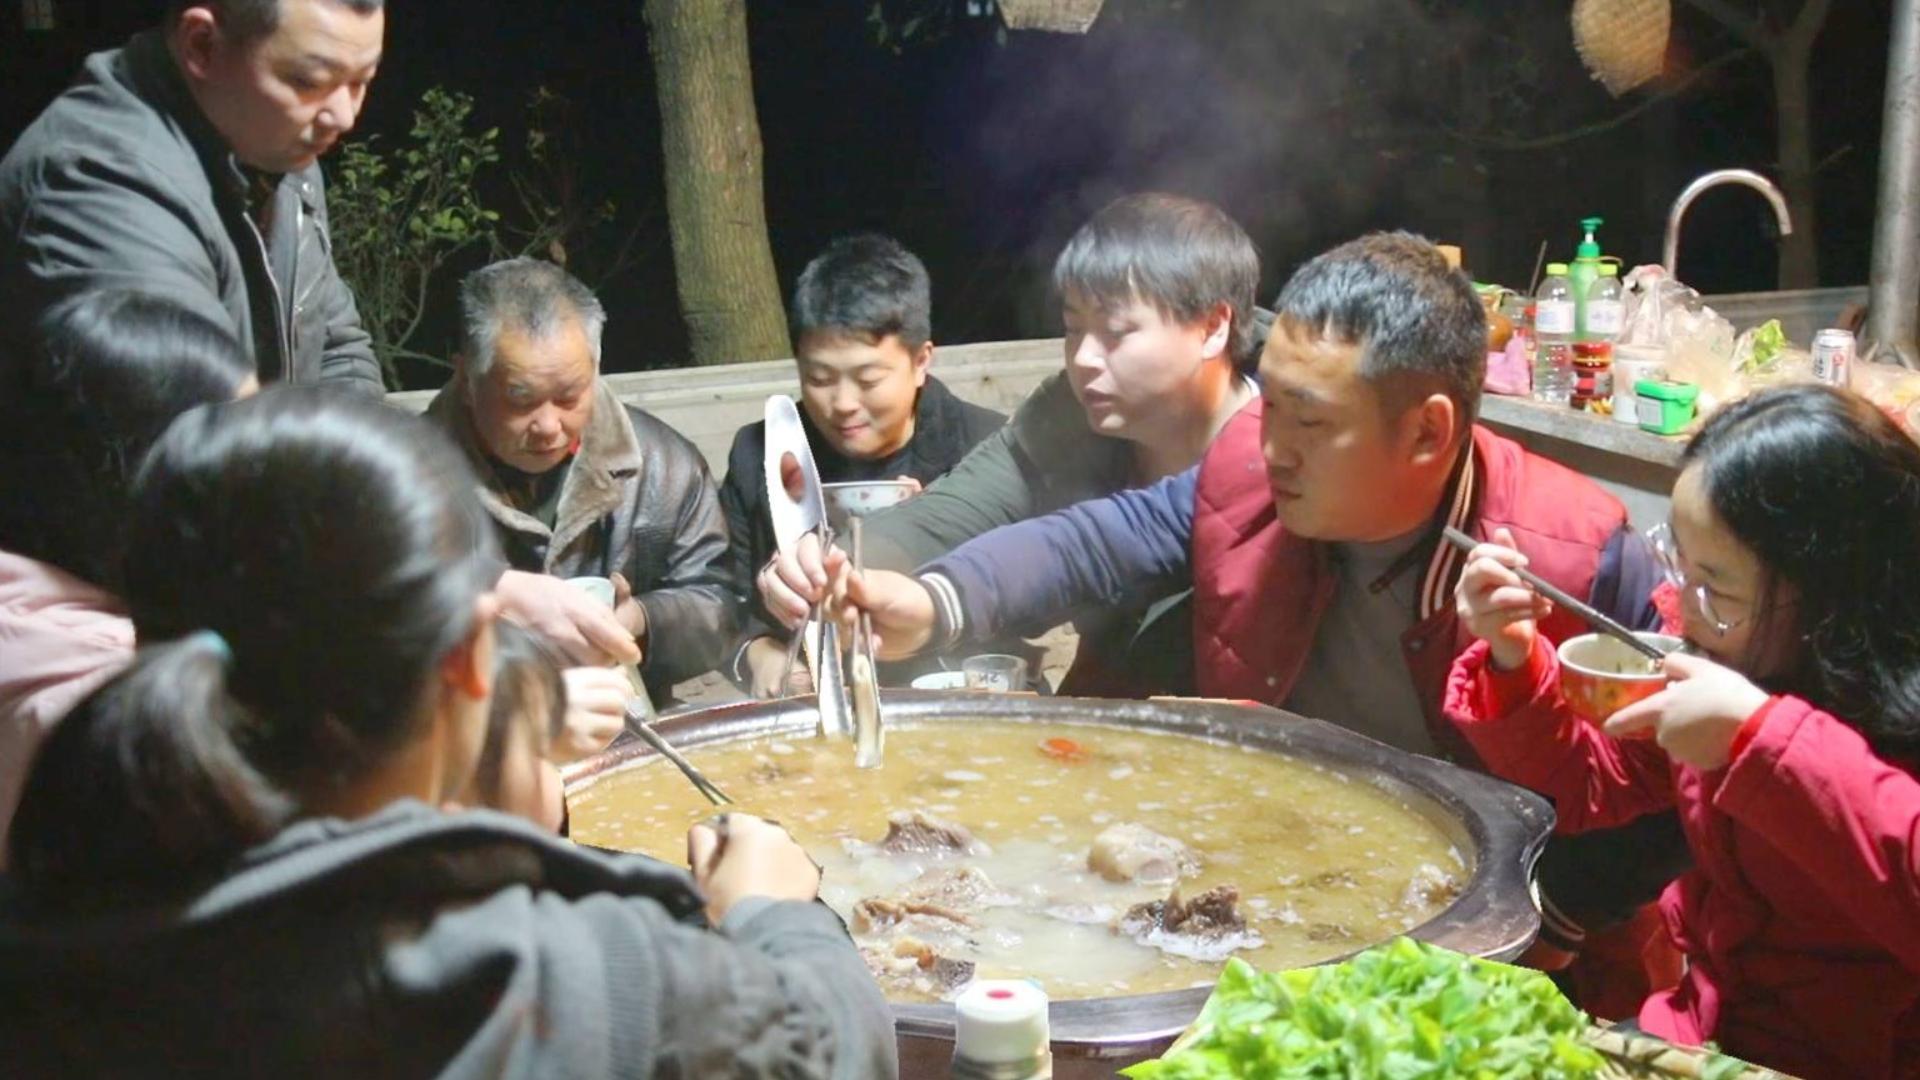 185整8斤羊肉羊骨,大铁锅里熬到天黑,汤浓又鲜,冬至来1锅全身暖和